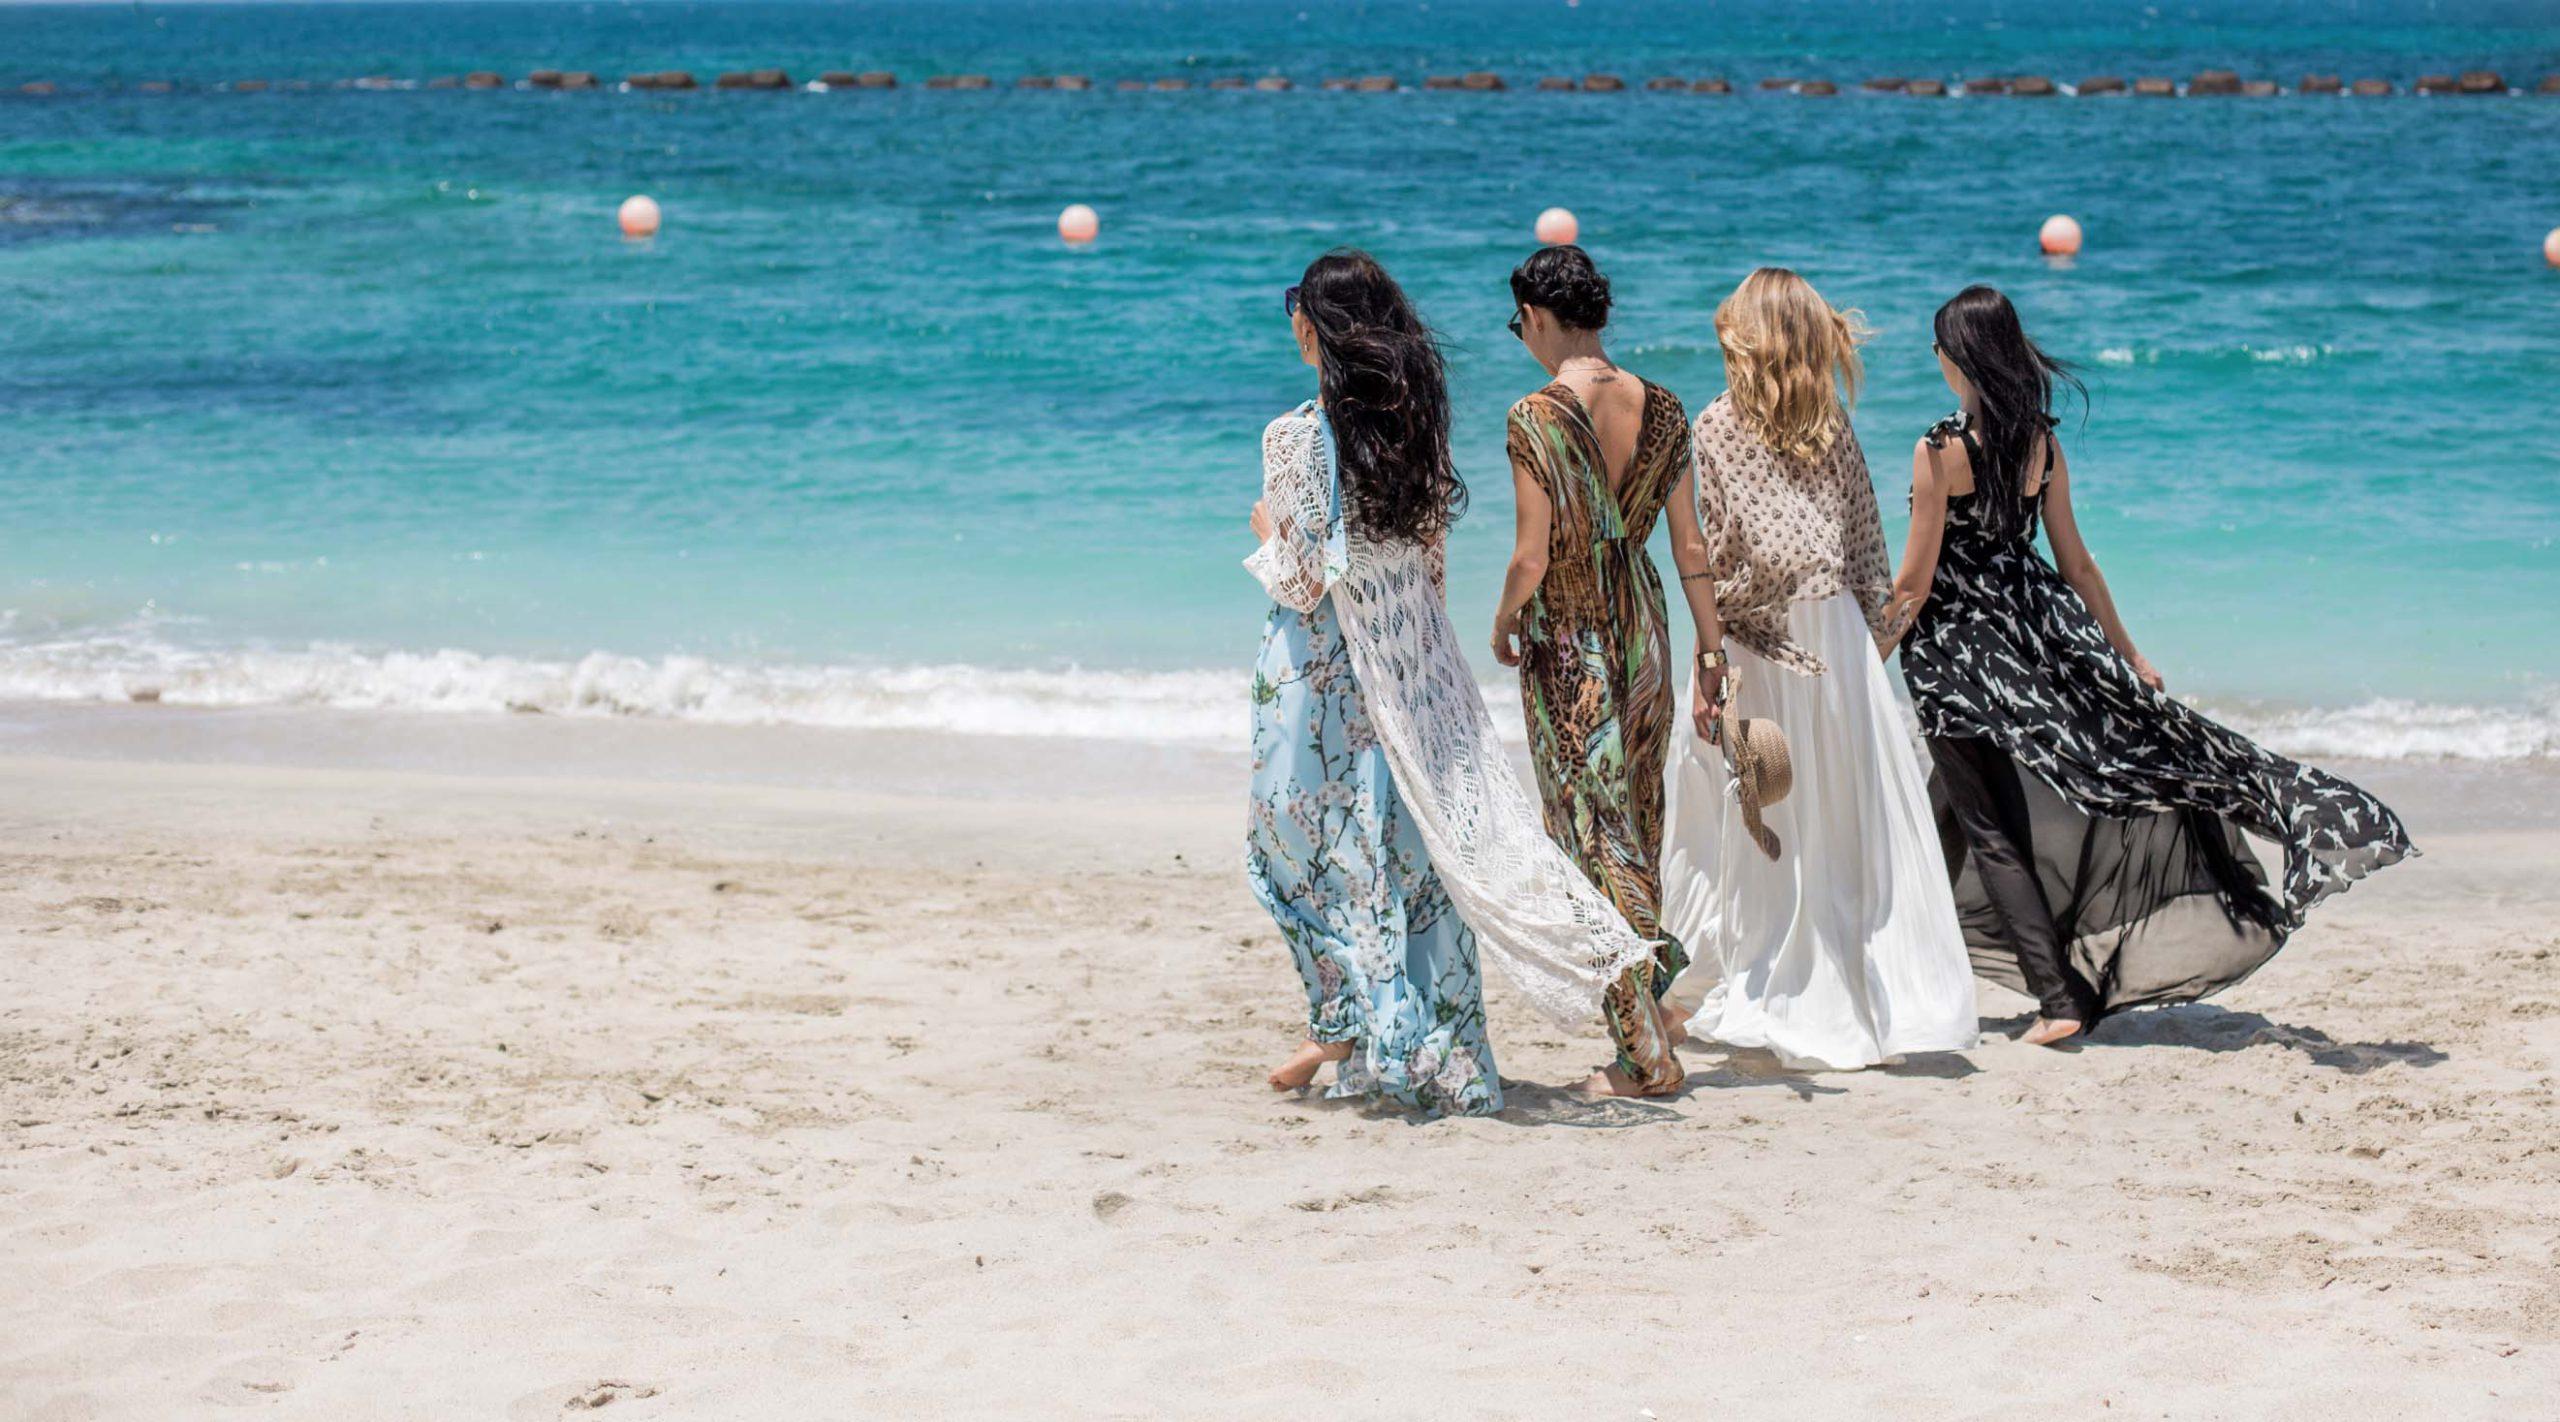 ОАЭ: как одеваться